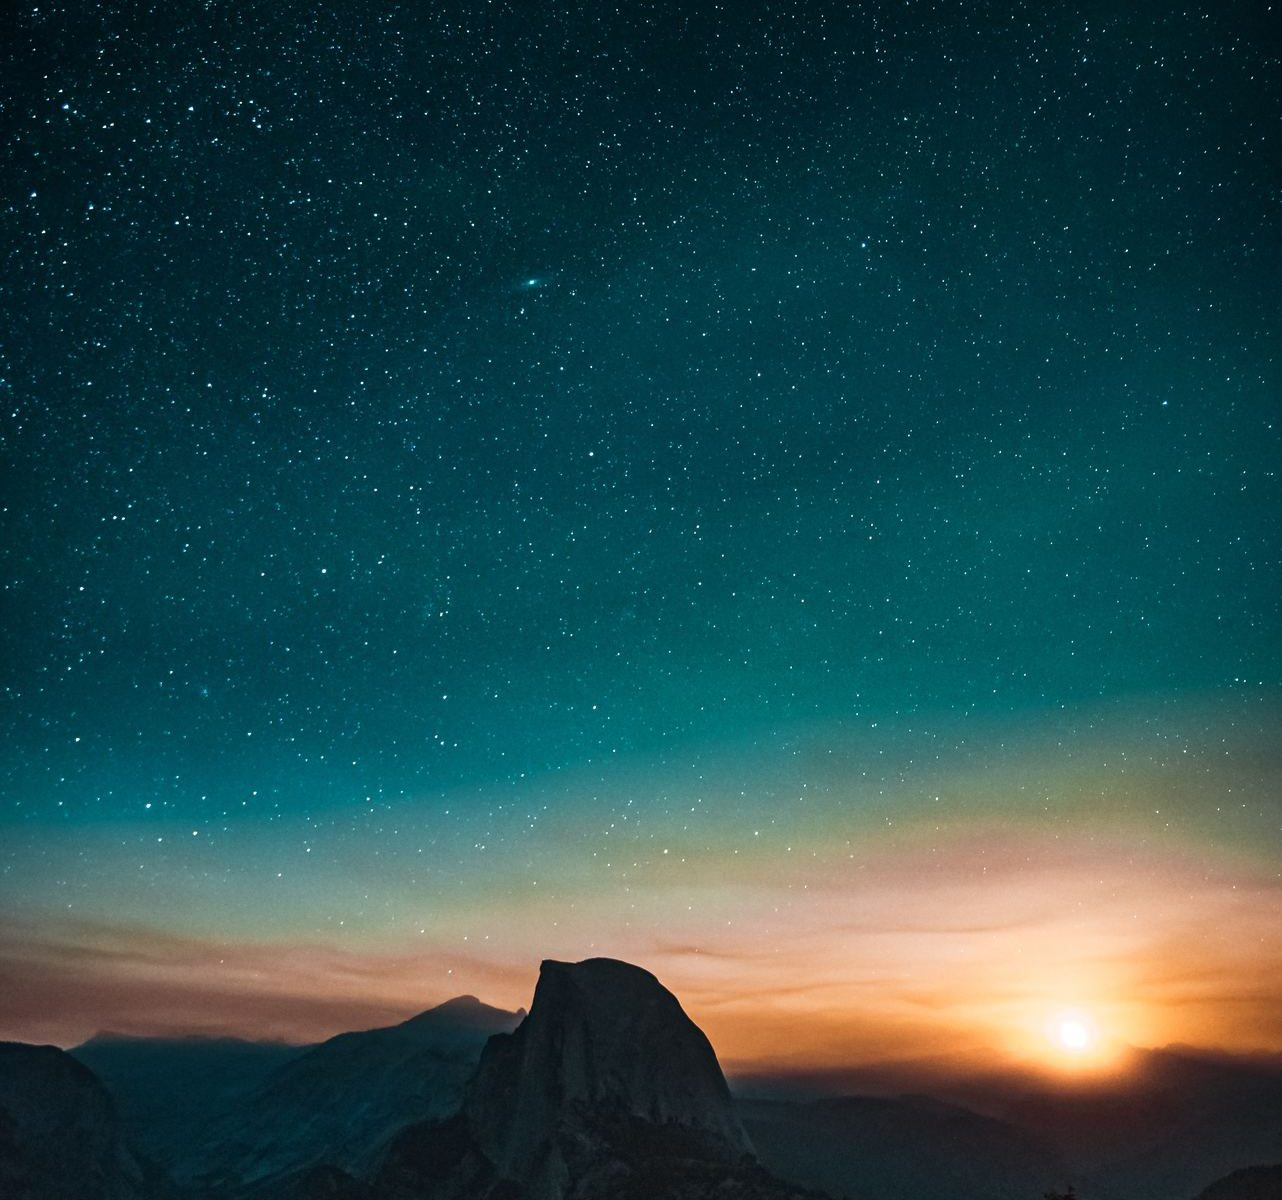 Stjärnkikare för nybörjare och proffs